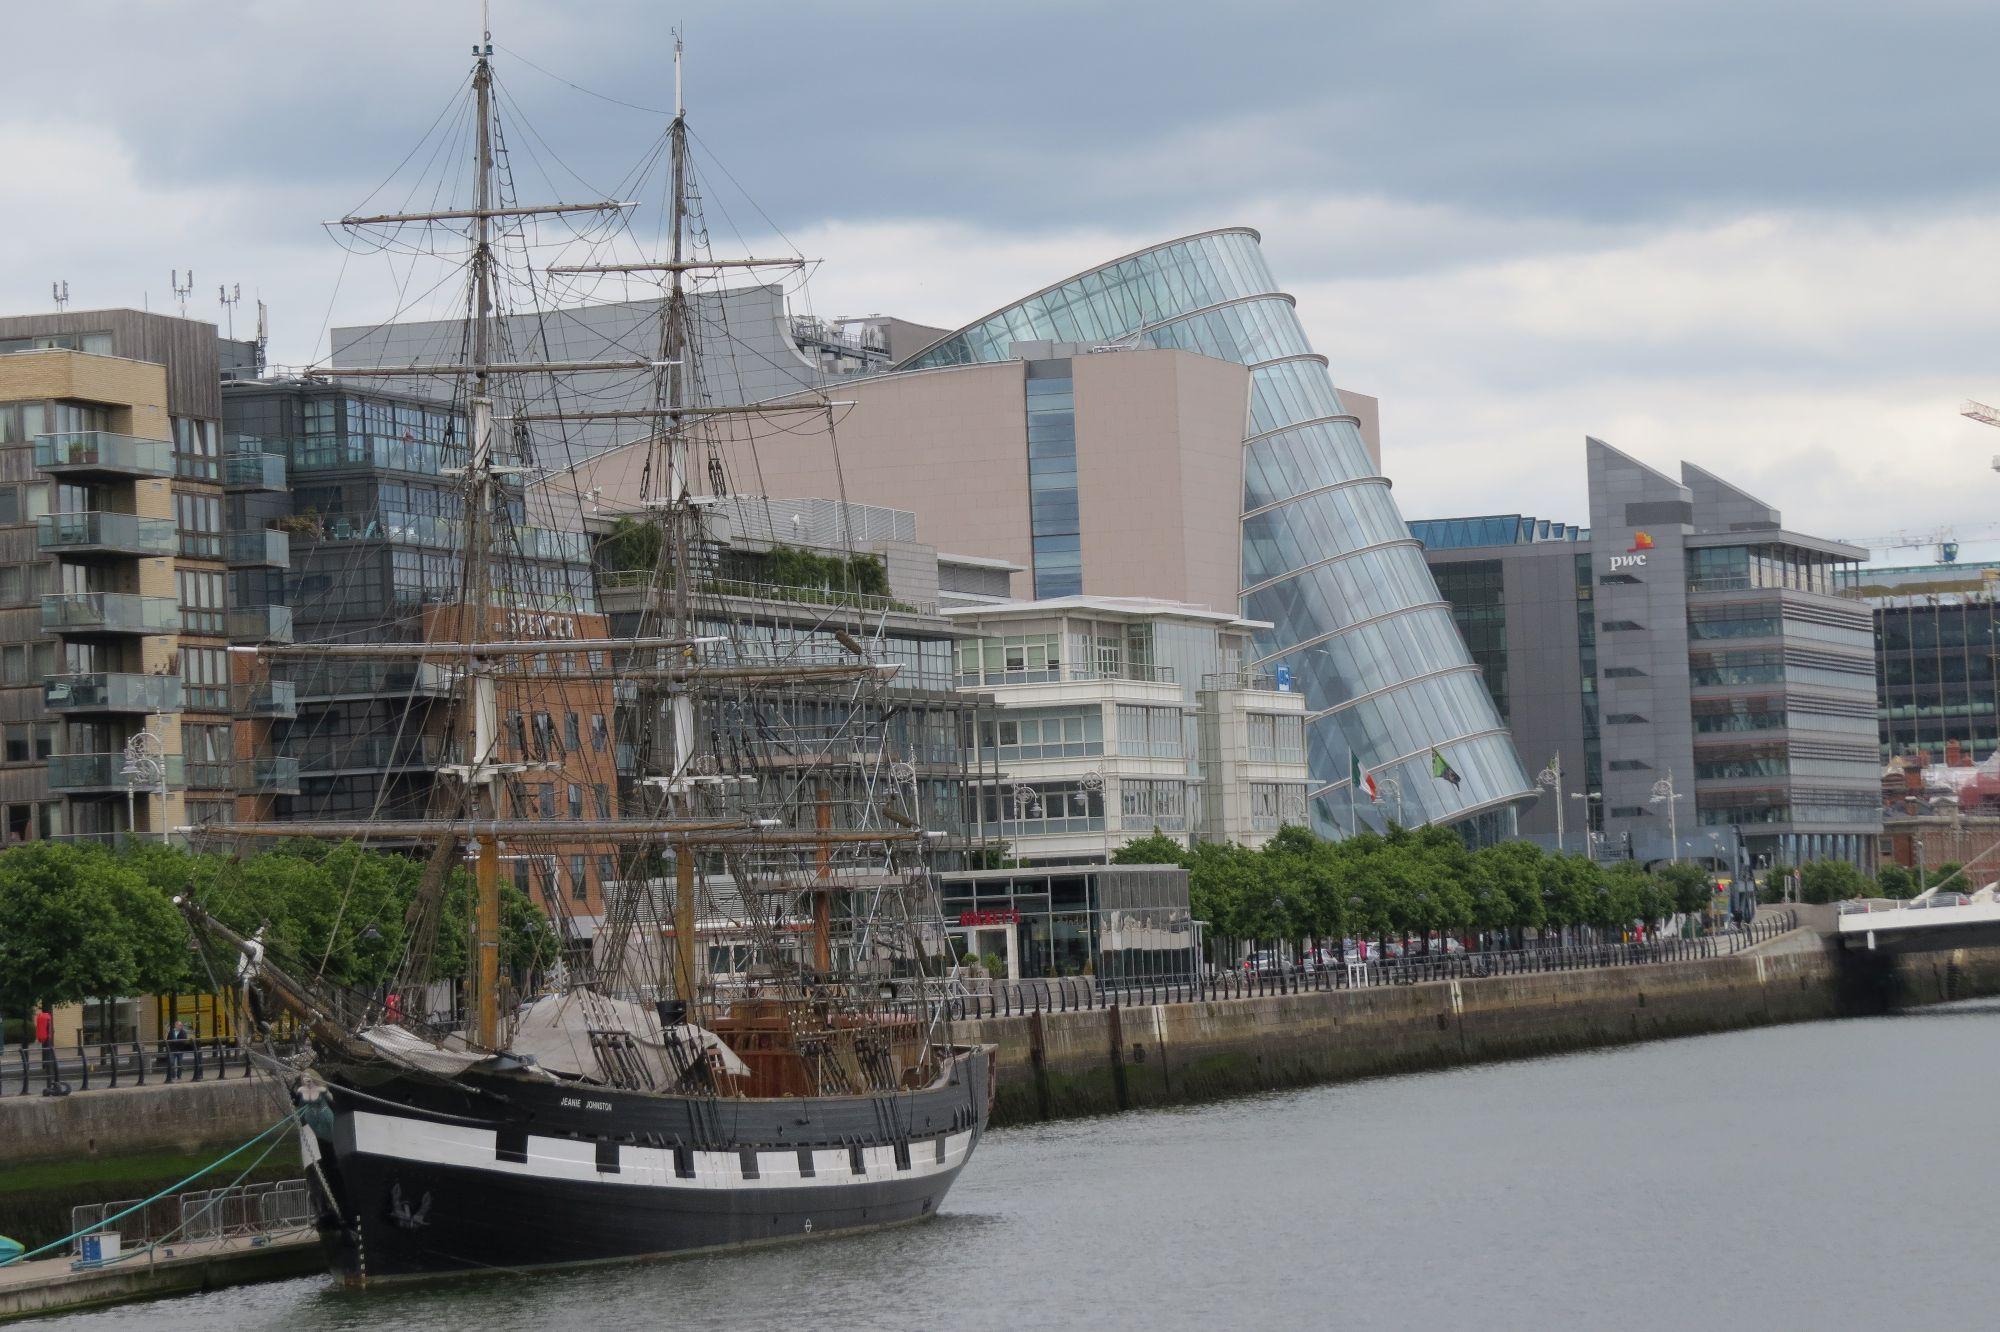 Das CCD (Convention Centre Dublin) Außenansicht